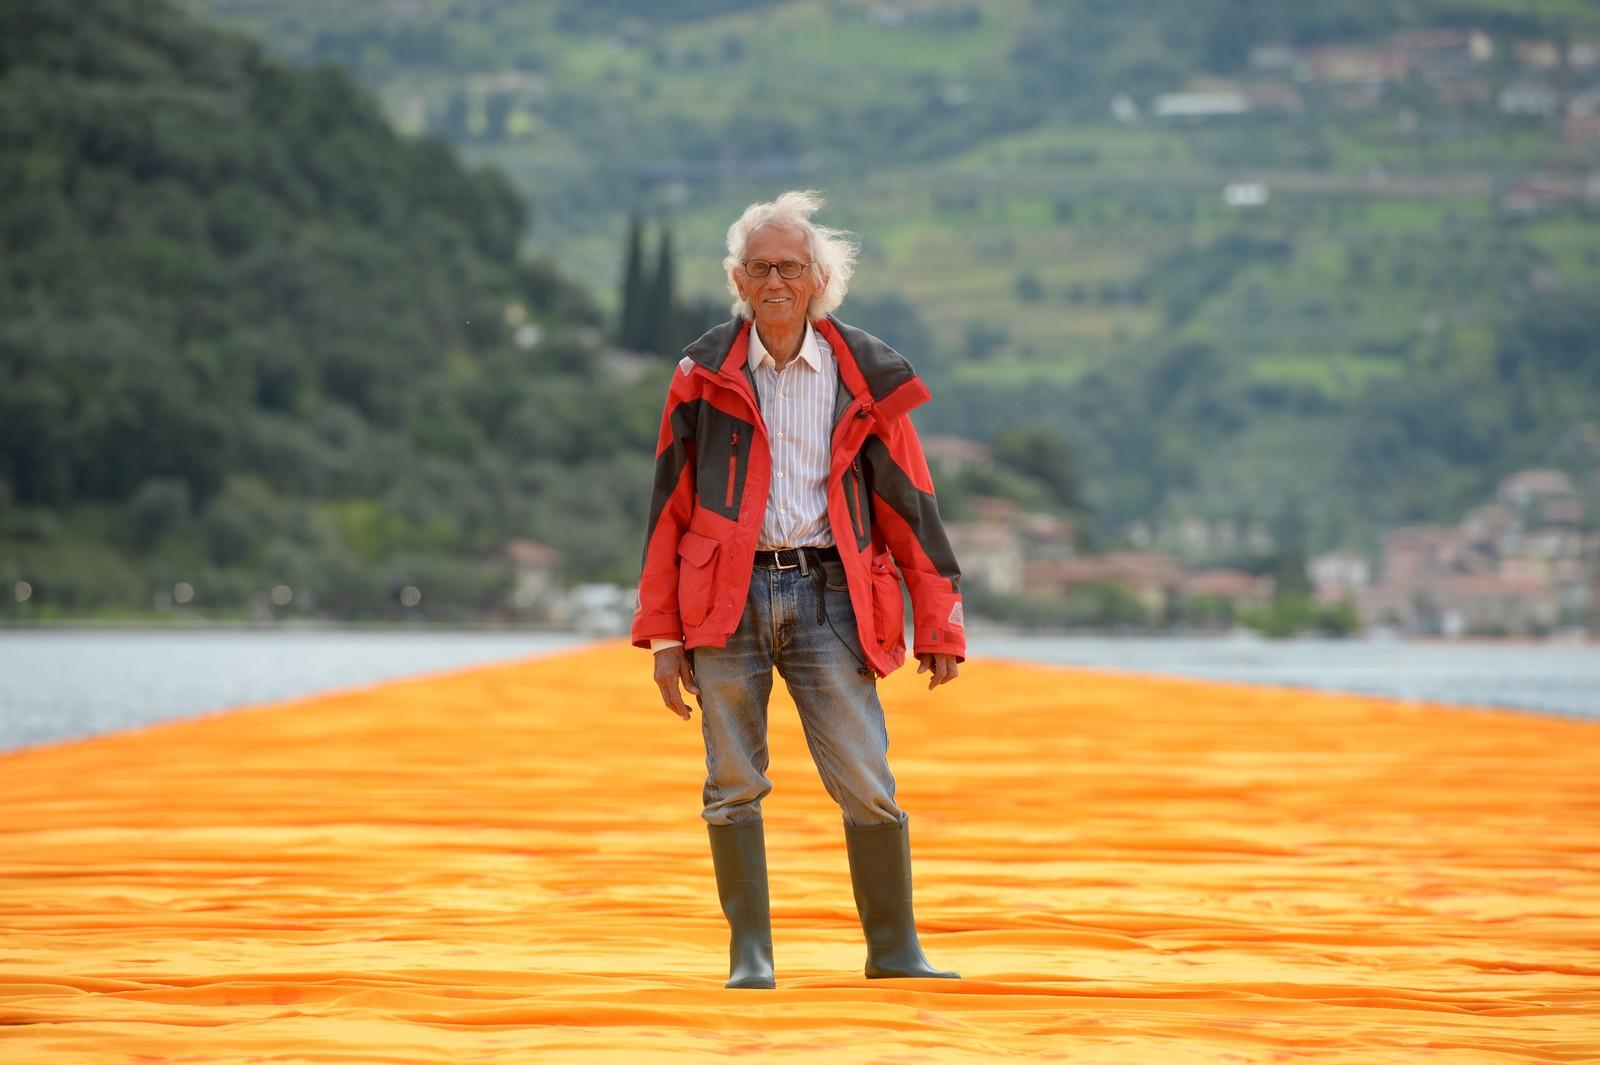 Kunstneren Christo Vladimirov Javacheff, også kjent som bare Christo, stående på sin egen installasjon midt i Iseosjøen. Tidligere har kunstneren blant annet utstyrt New Yorks Central Park med flere tusen oransje porter og pakket Riksdagsbygningen i Berlin inn i papir.